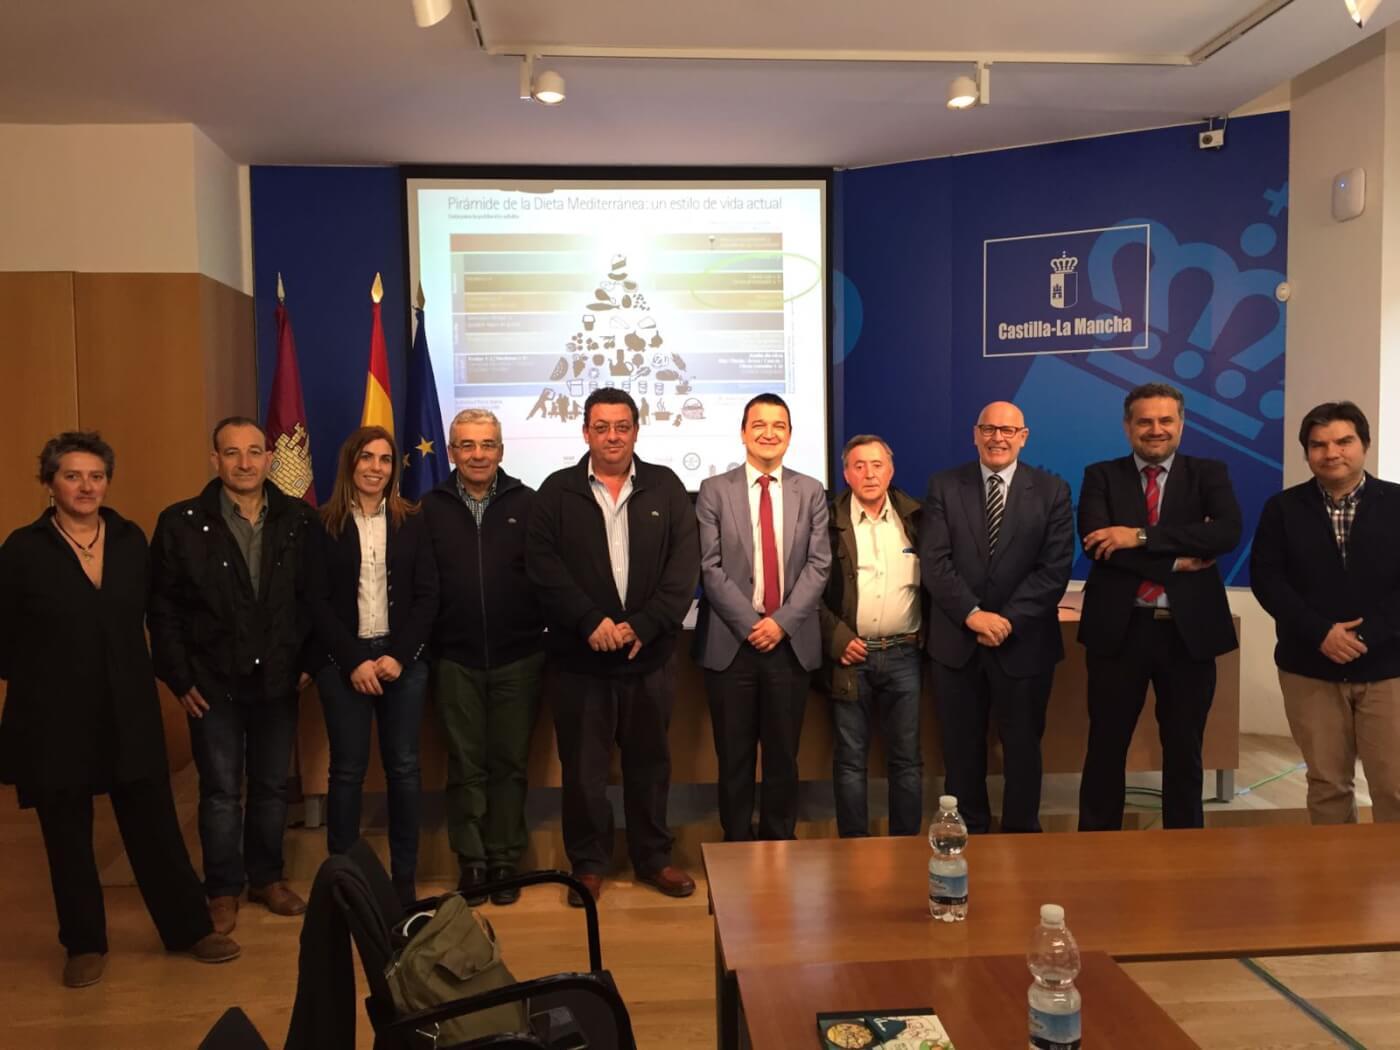 Agricultura quiere incluir en la dieta mediterránea a la IGP Cordero Manchego de la que viven 400 ganaderos en la región